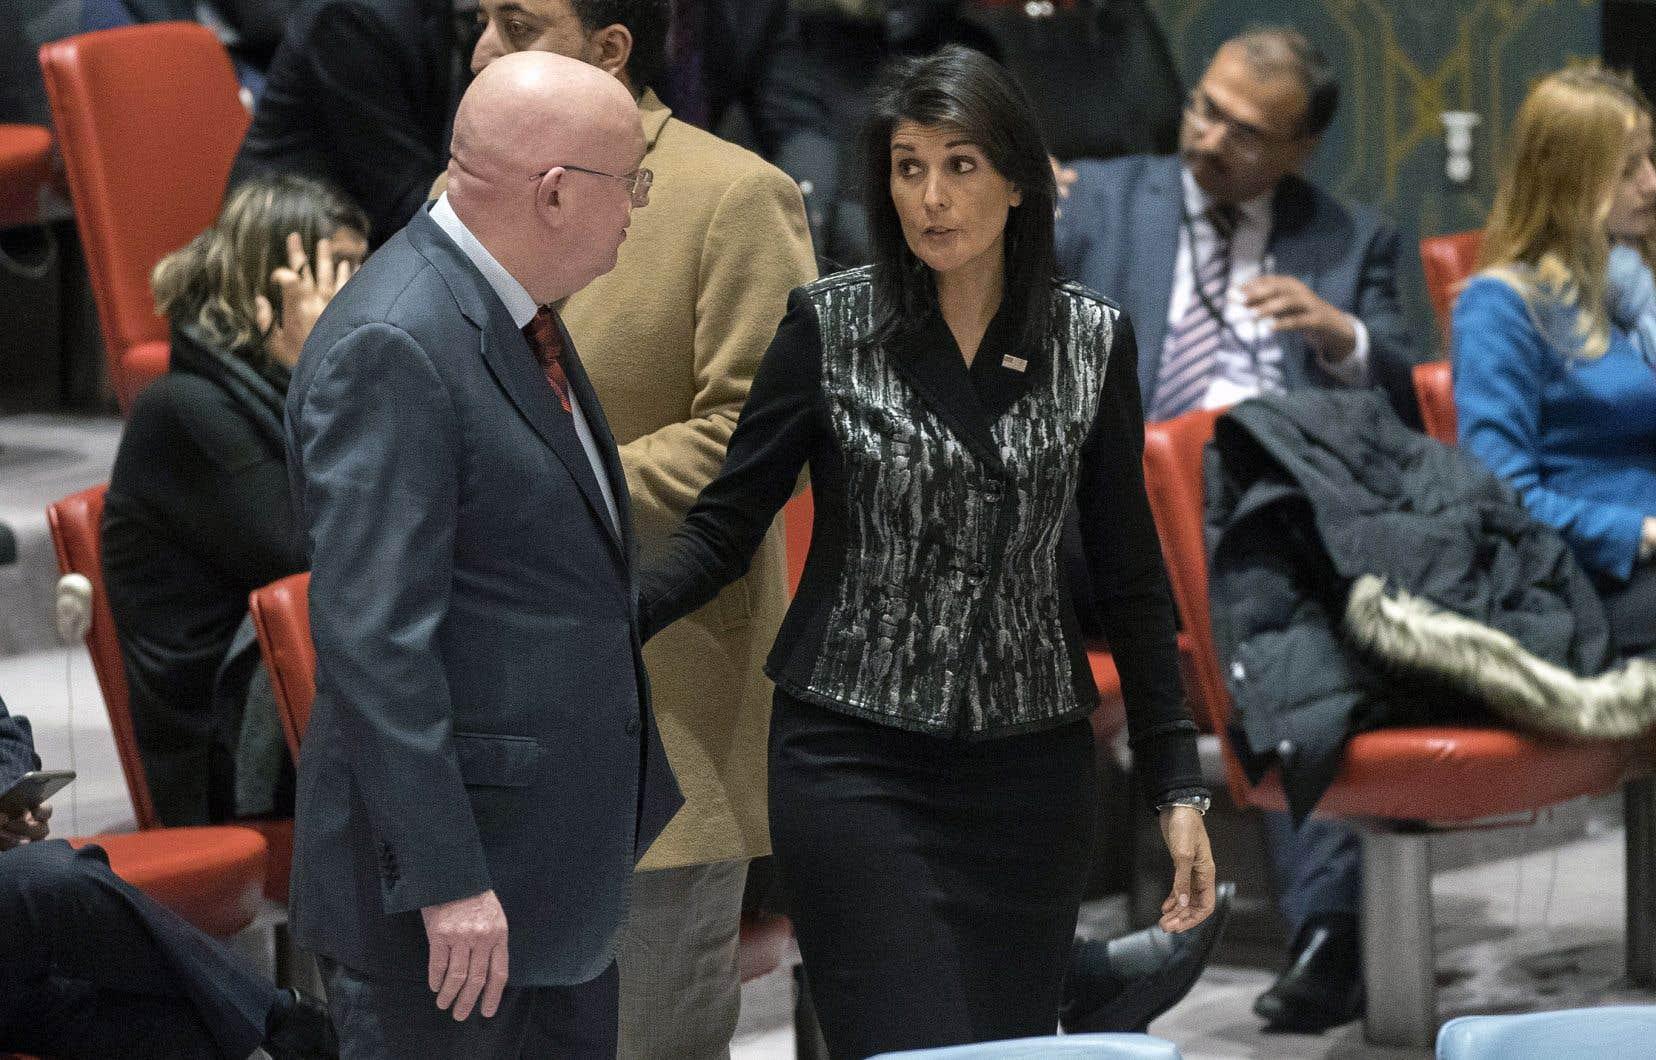 Les ambassadeurs russe et américain, Vassily Nebenzia et Nikki Haley, ont échangé vendredi quelques propos à l'occasion d'une réunion controversée du Conseil de sécurité des Nations unies.